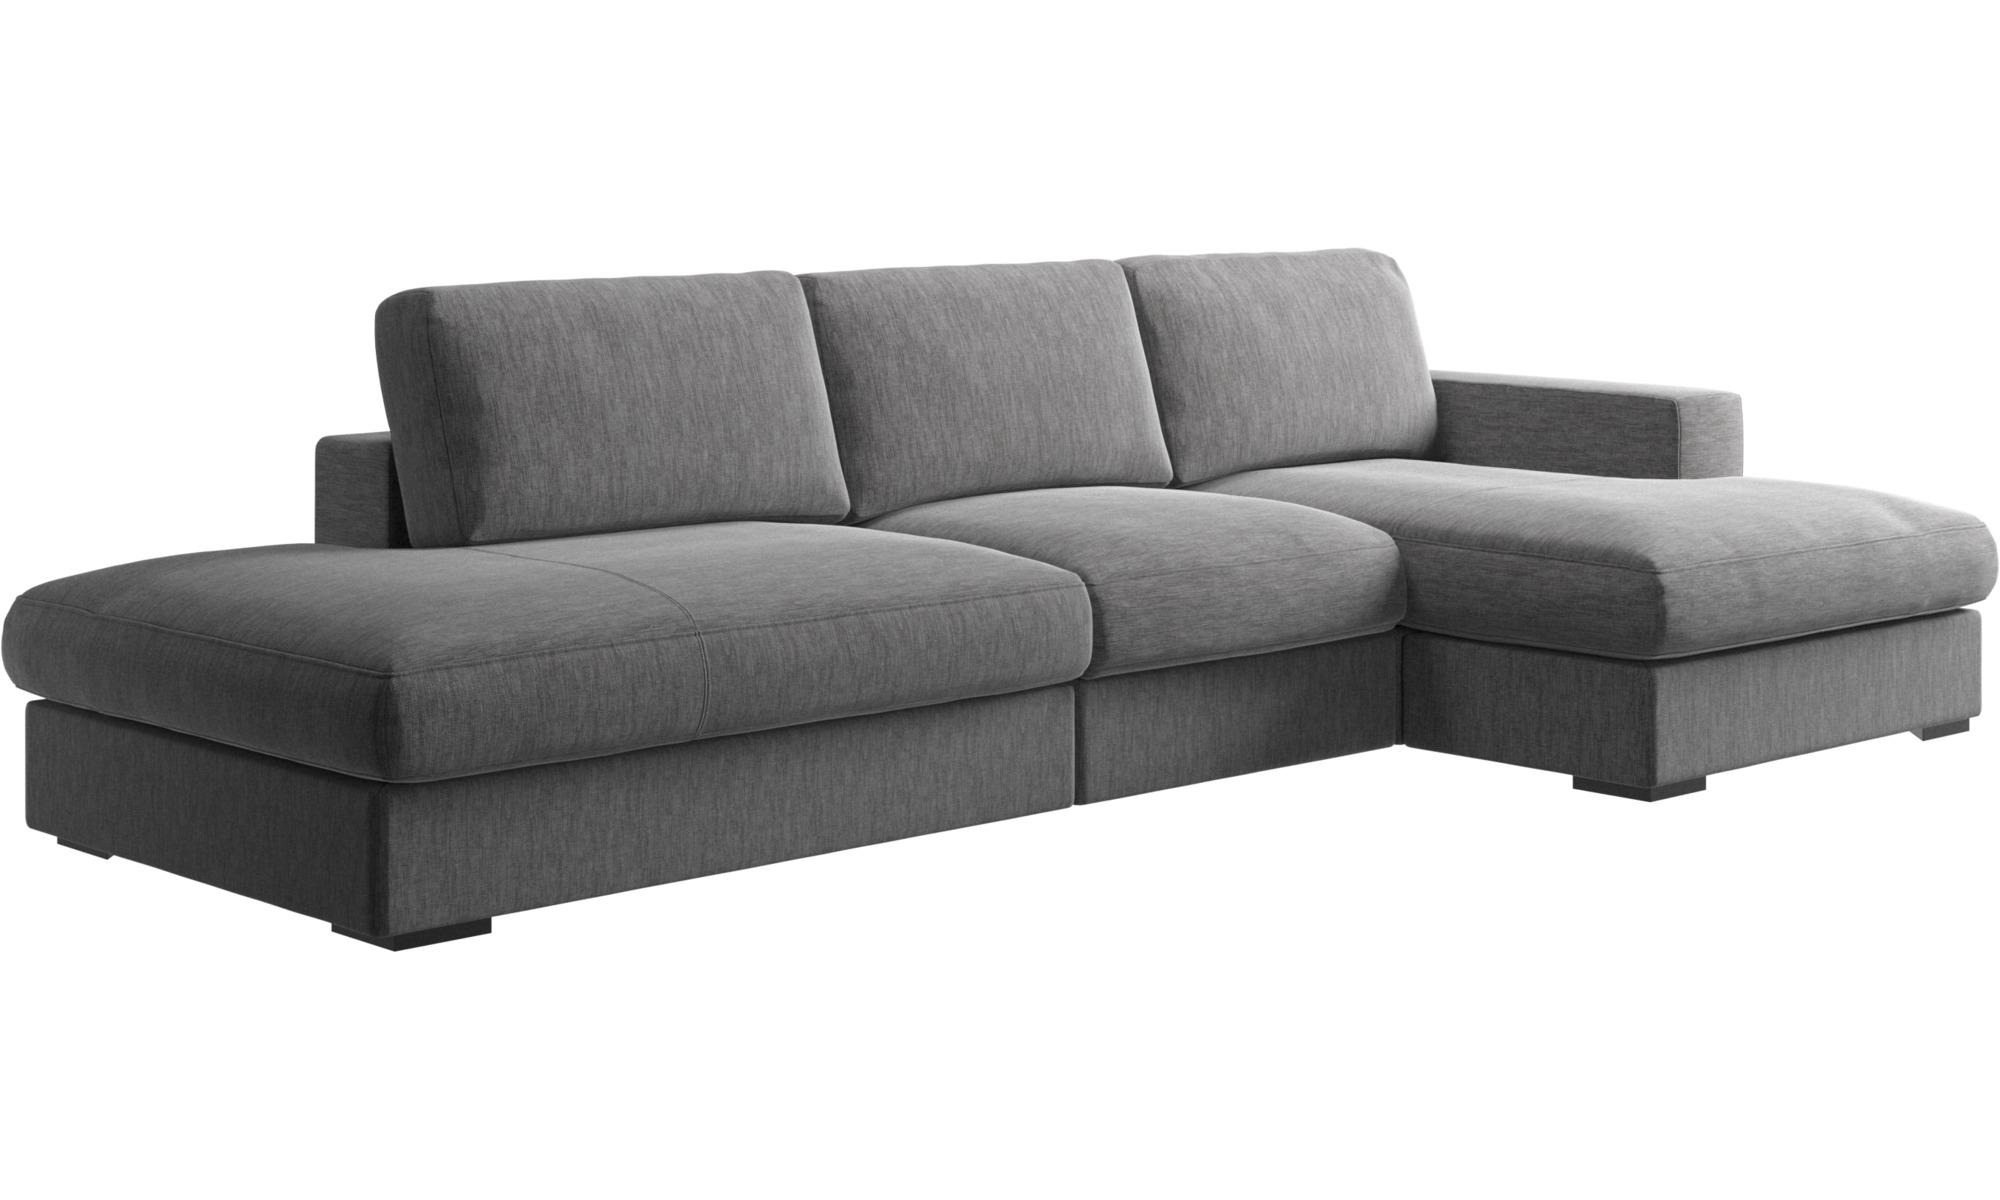 canap s 3 places canap cenova avec m ridienne et chaise. Black Bedroom Furniture Sets. Home Design Ideas